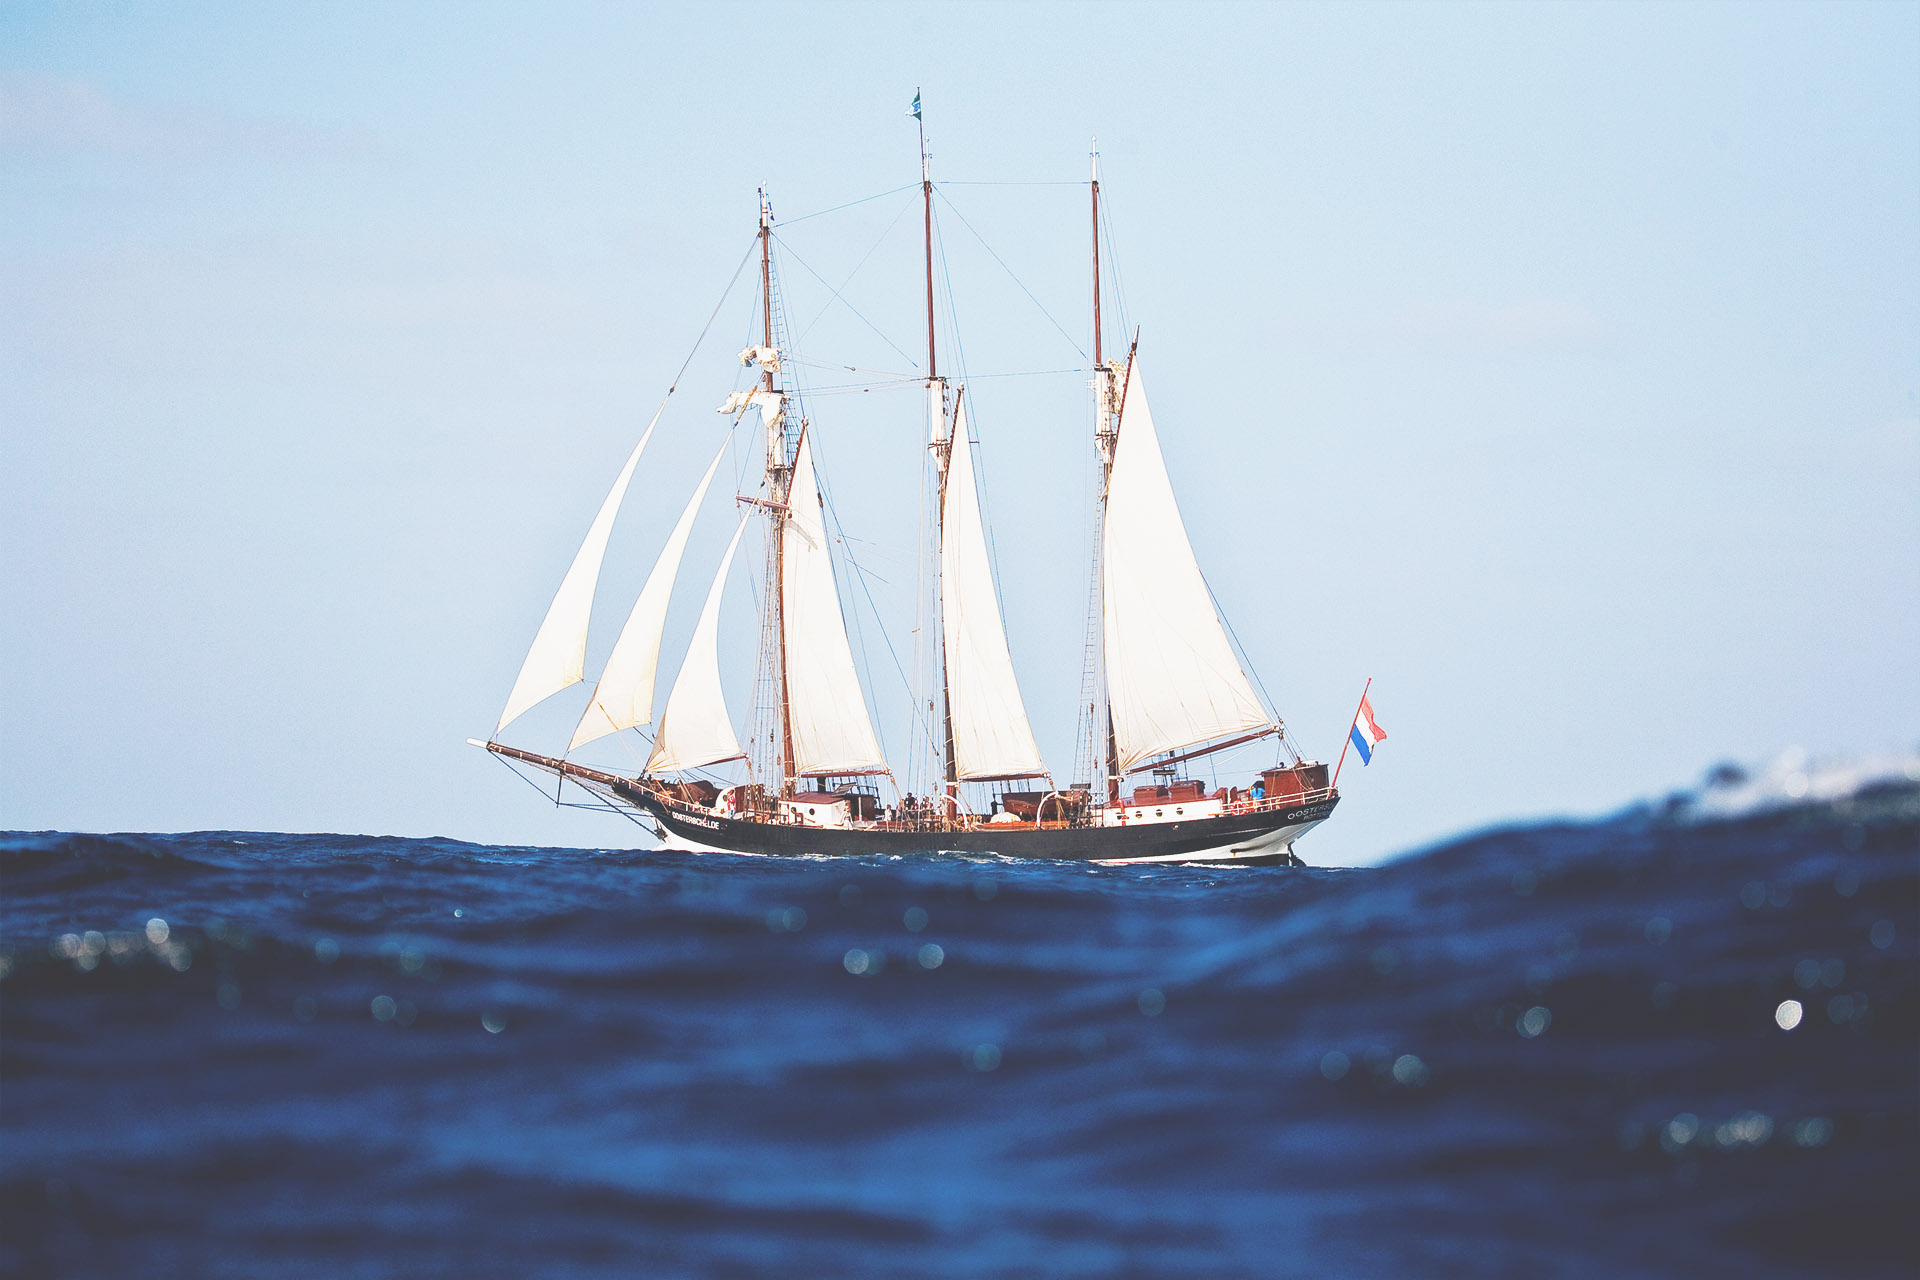 Oosterschelde sea sailing